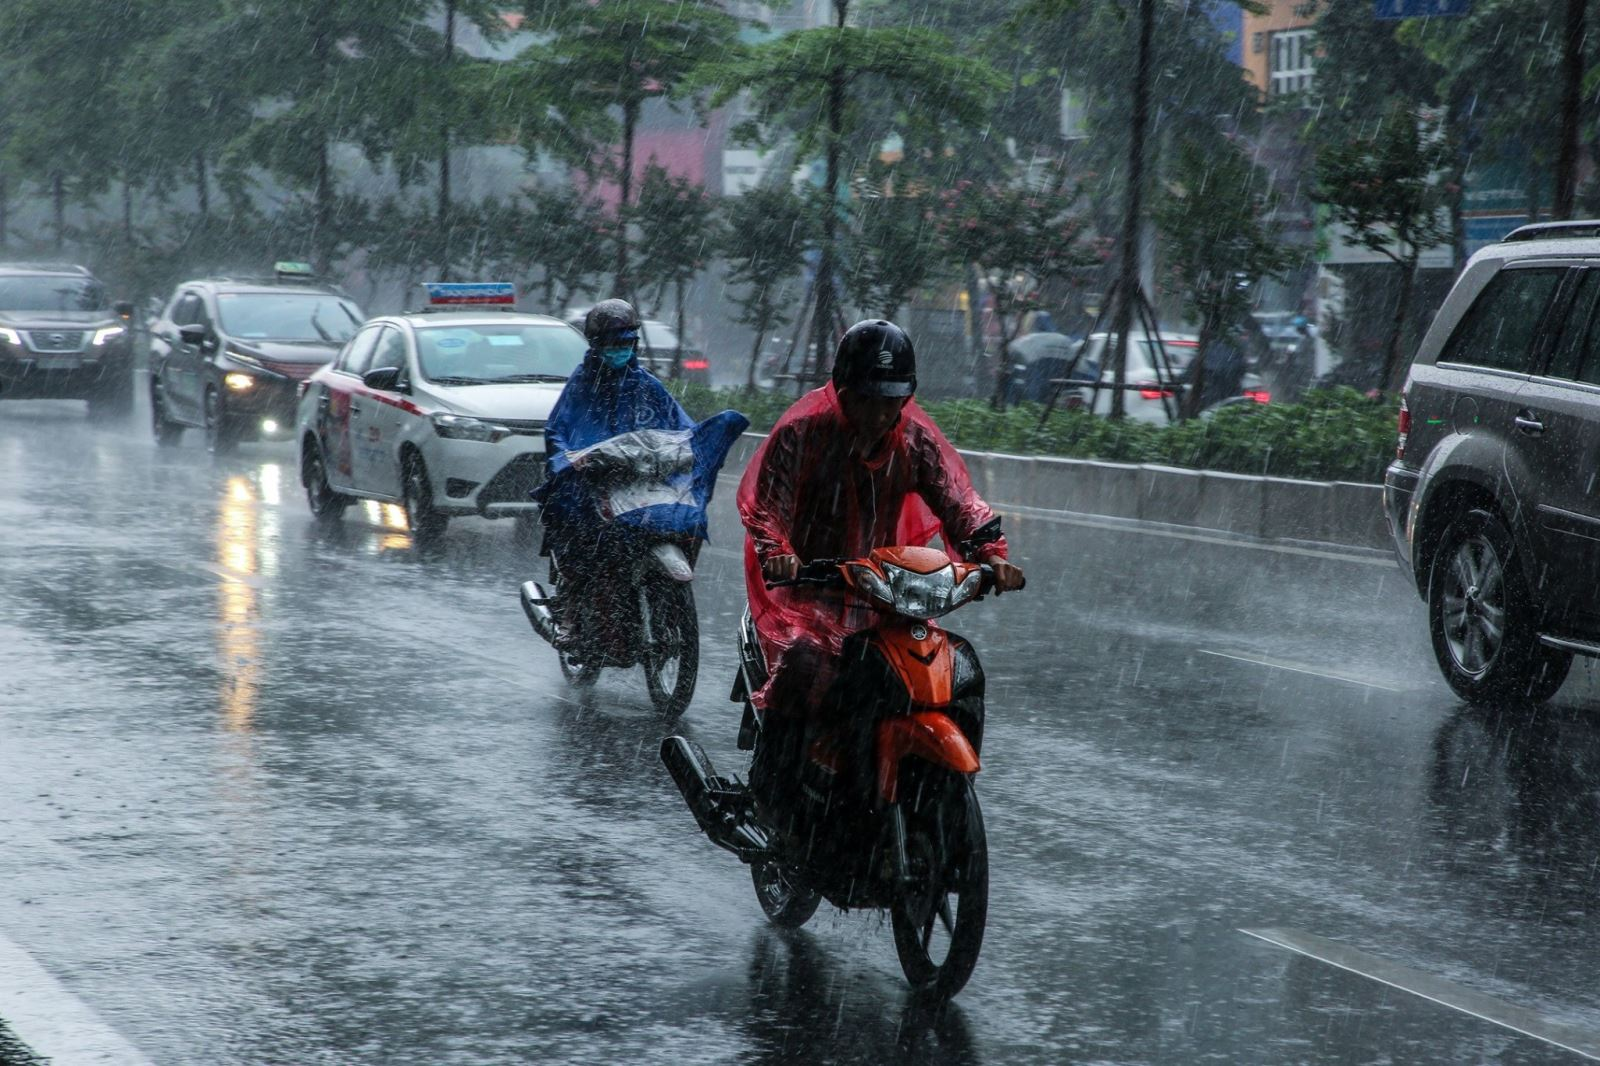 Thời tiết ngày mai, Dự báo thời tiết ngày mai, Dự báo thời tiết, Thời tiết, thời tiết Hà Nội, nhiệt độ, nhiệt độ ngày mai, nhiệt độ hà nội, thời tiết miền bắc